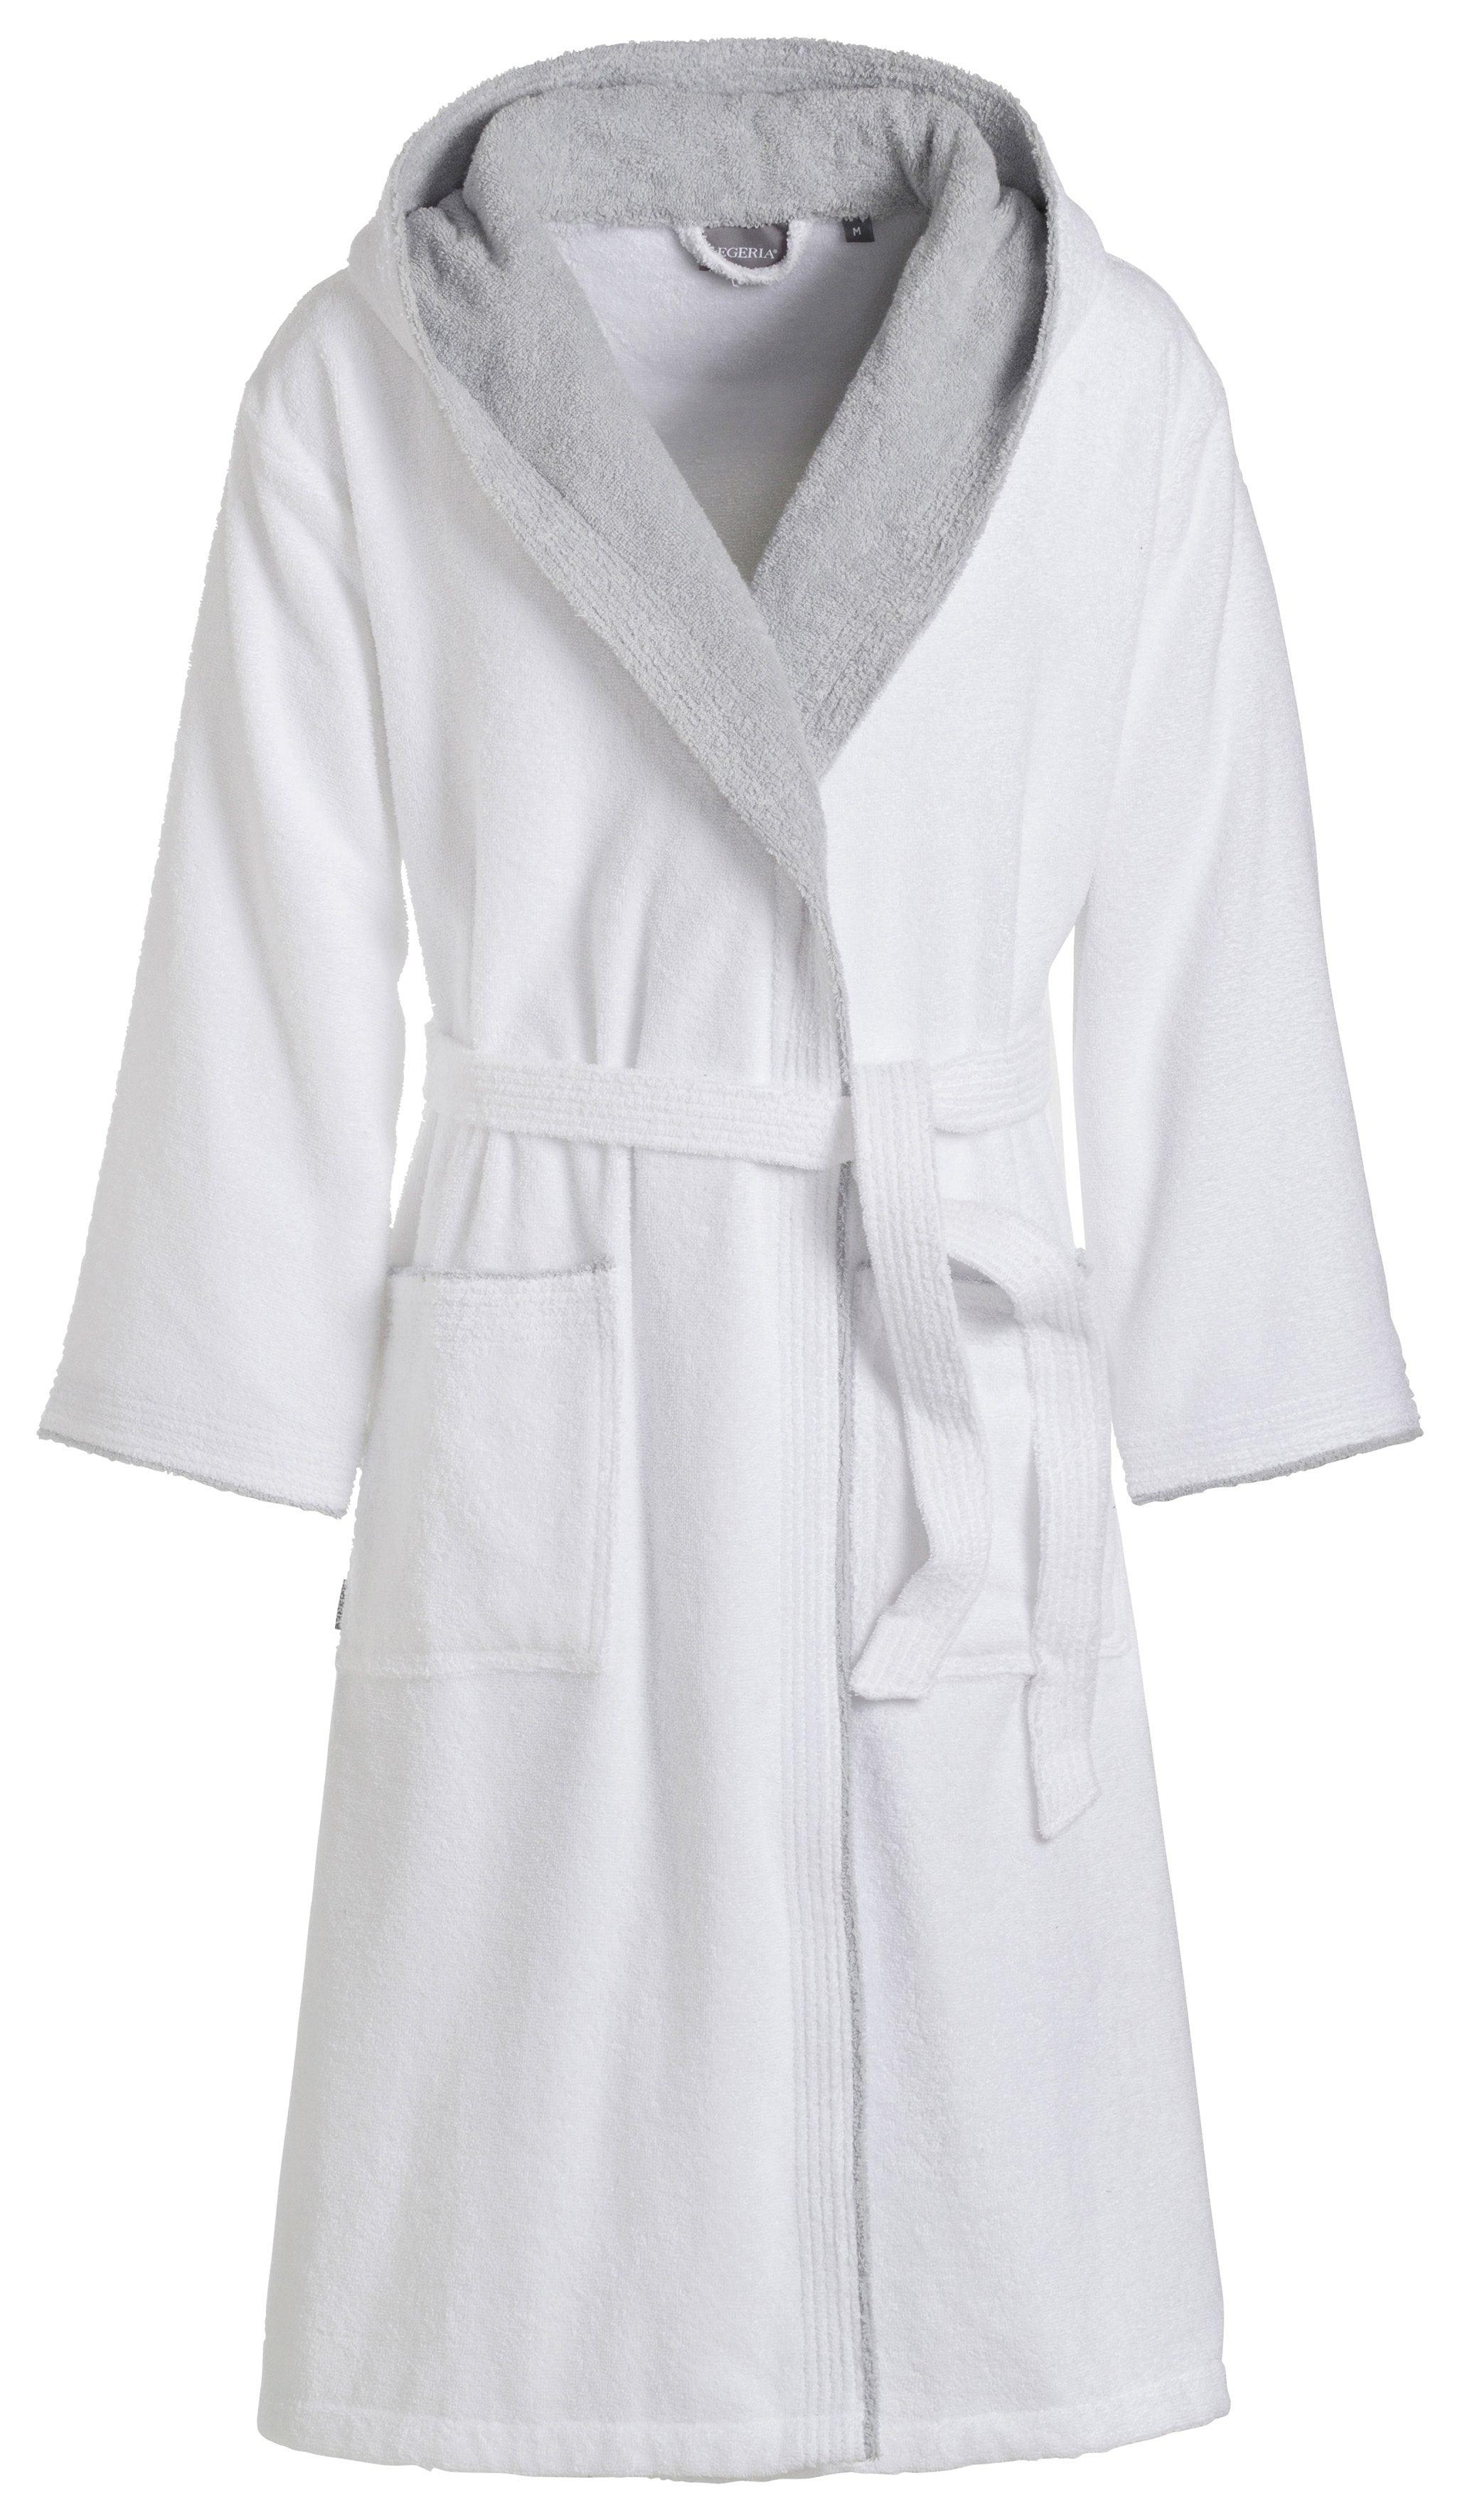 Unisex-Bademantel, Egeria, »Cairo«, farblich abgesetzte Kapuze | Bekleidung > Wäsche > Bademäntel | Weiß | EGERIA